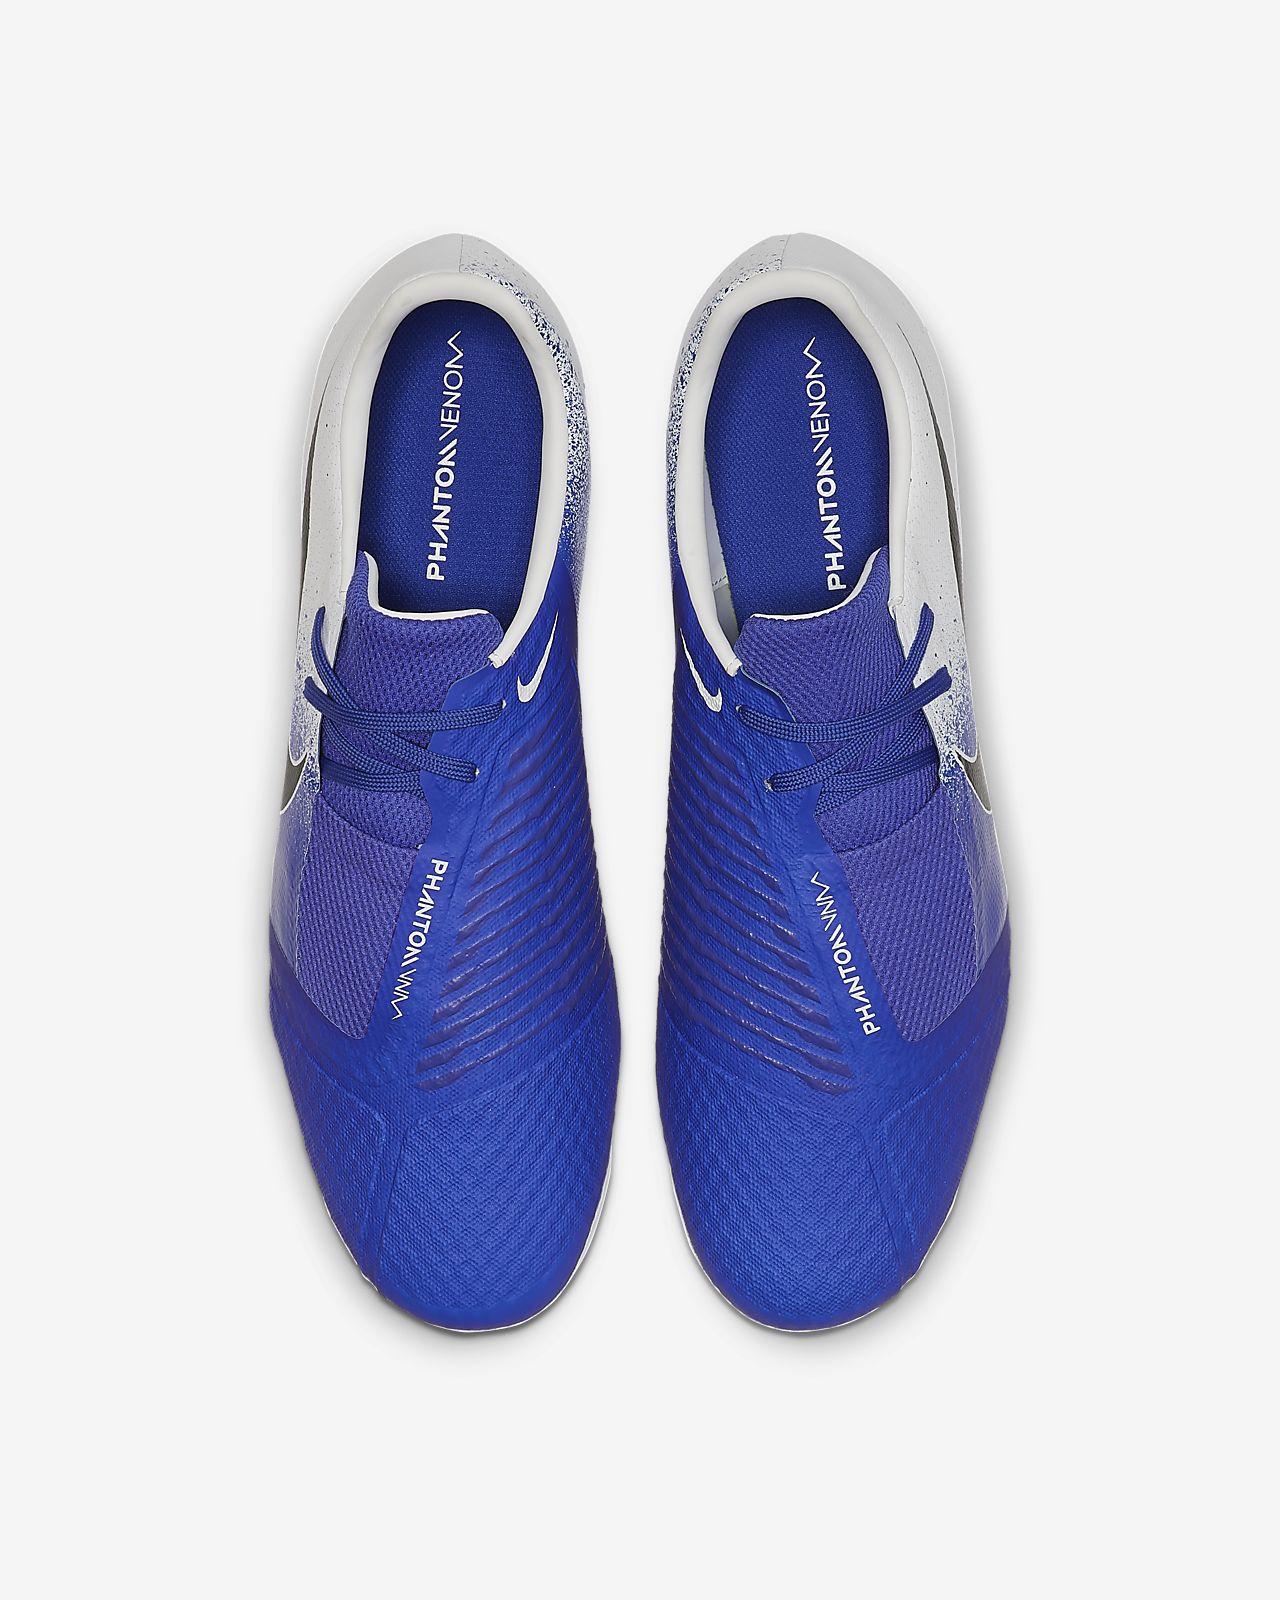 b0043c8e1bd Nike Phantom Venom Academy FG Botas de fútbol para terreno firme ...